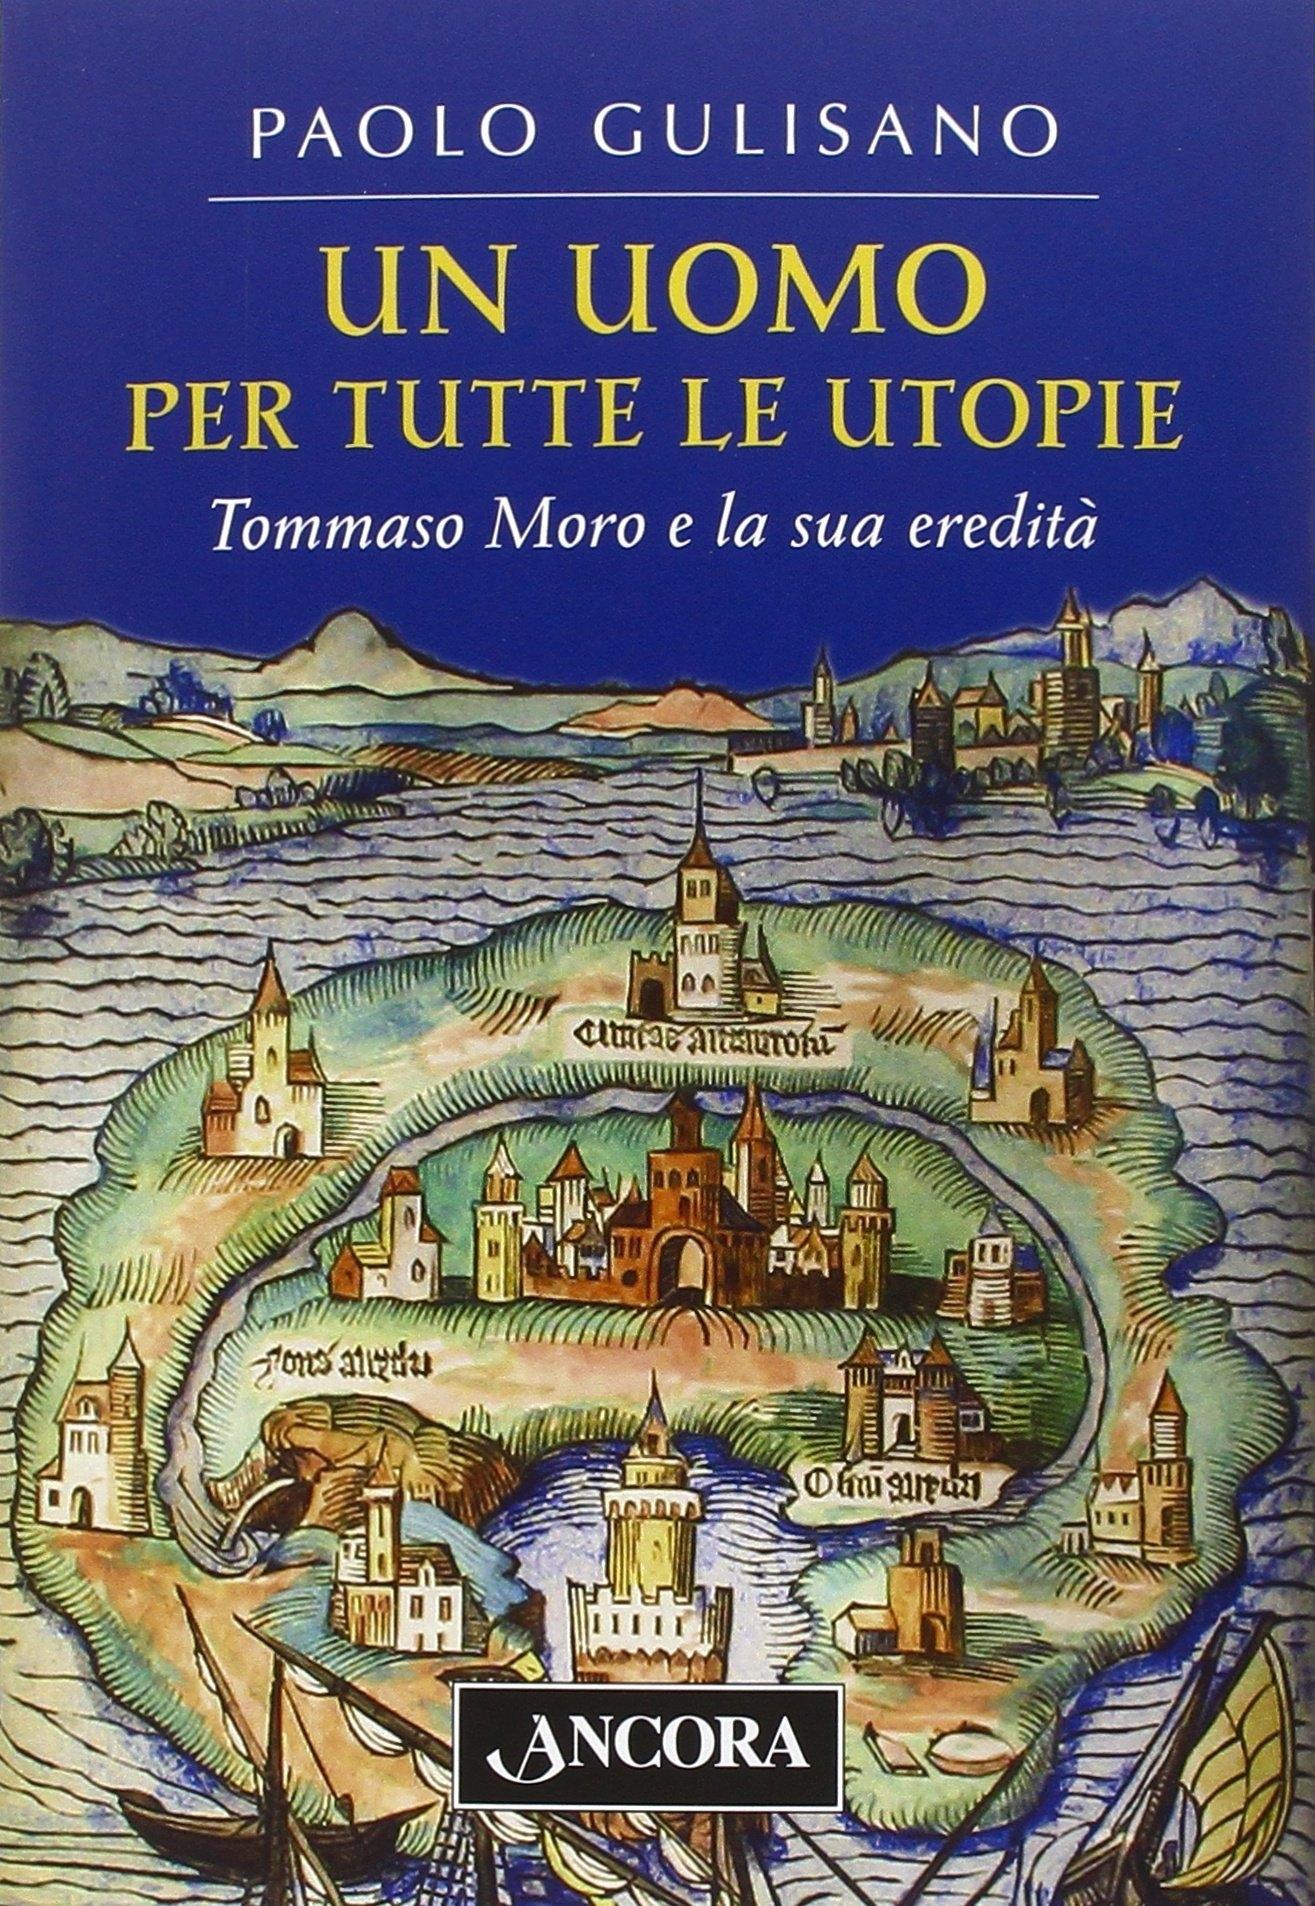 Un uomo per tutte le utopie. Tommaso Moro e la sua eredità.